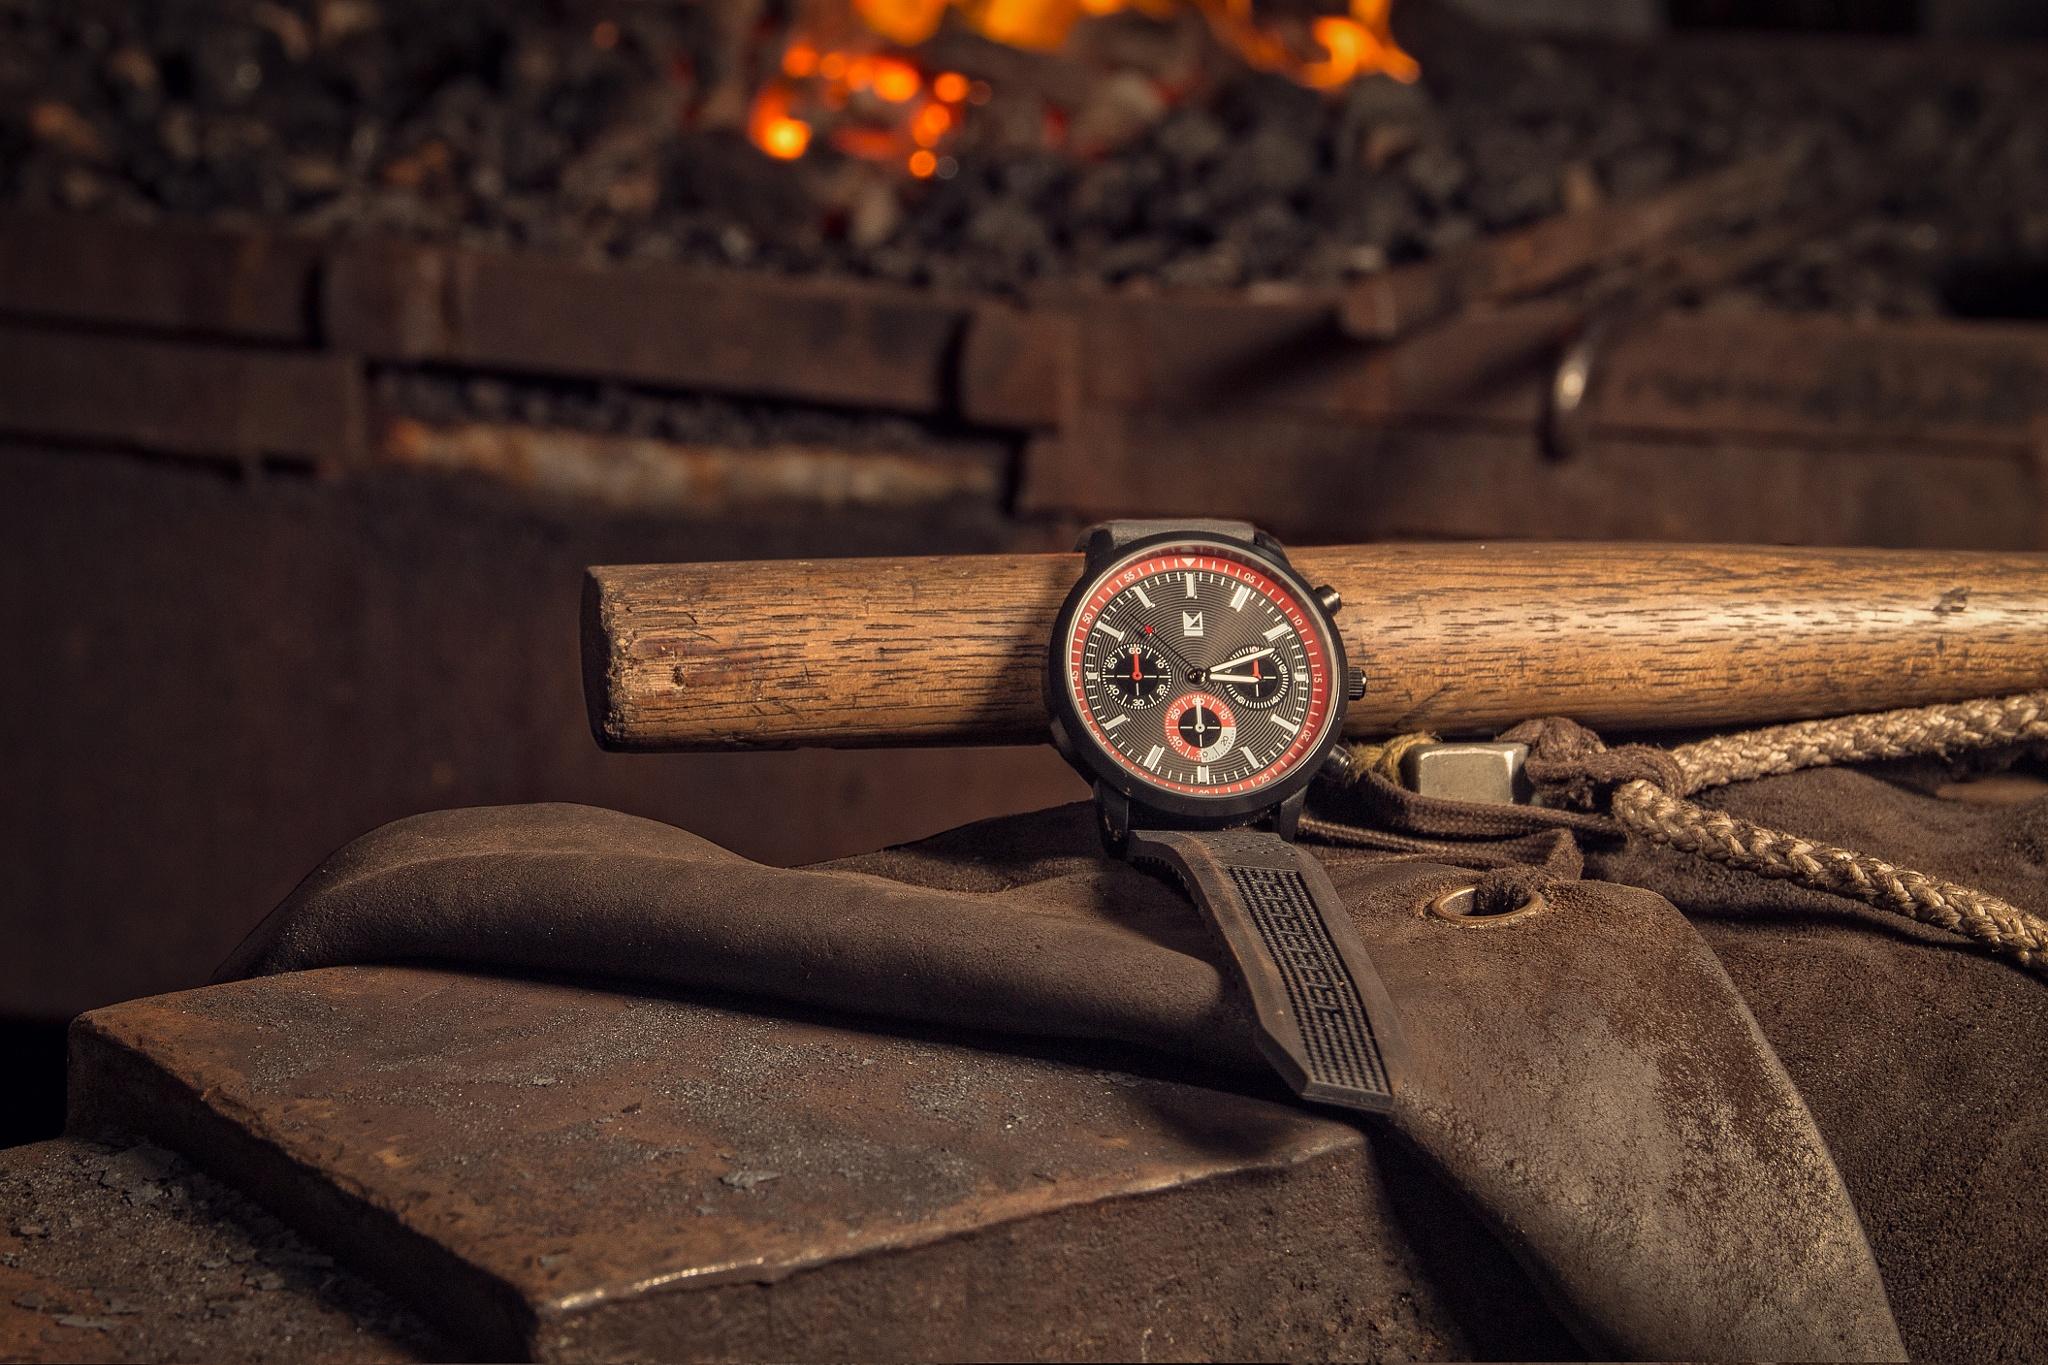 Hephaestus's watch by Elvar Sigurgeirsson